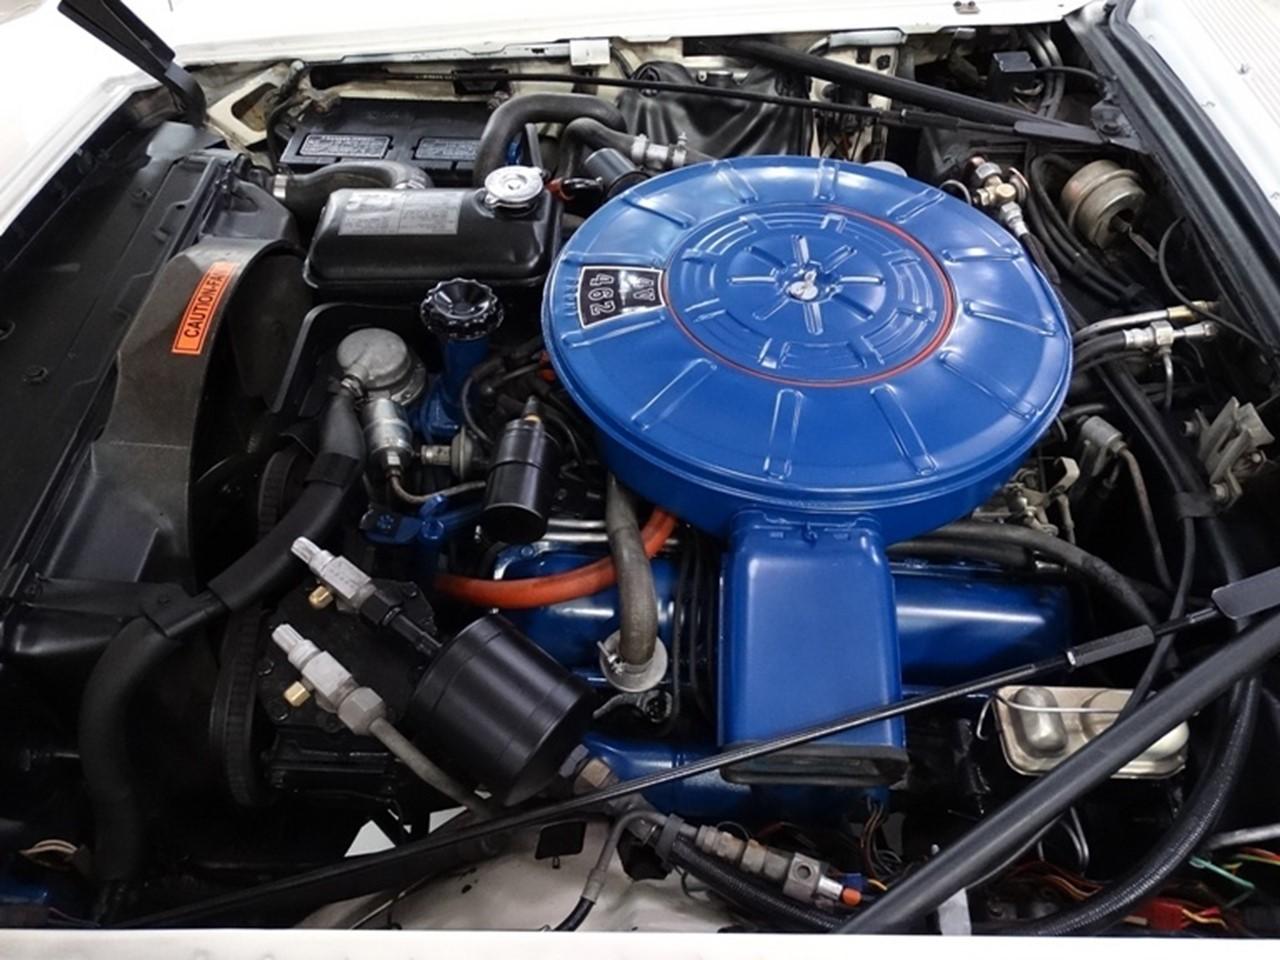 Biggest V8 Engine From Detroit 7